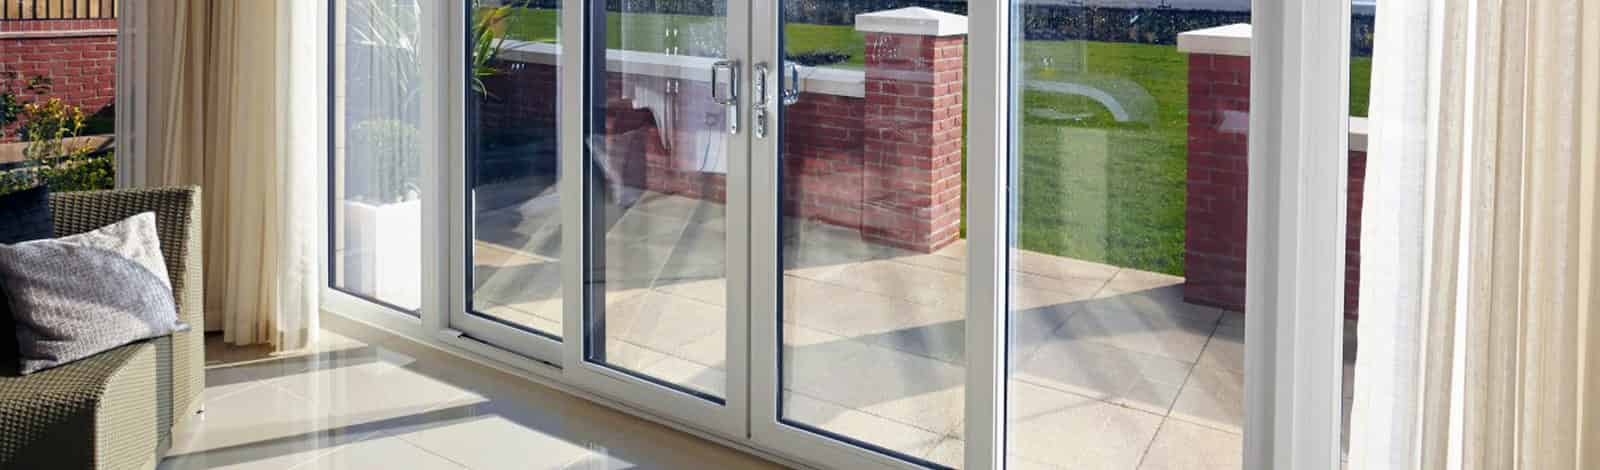 Double Glazed Doors Newport